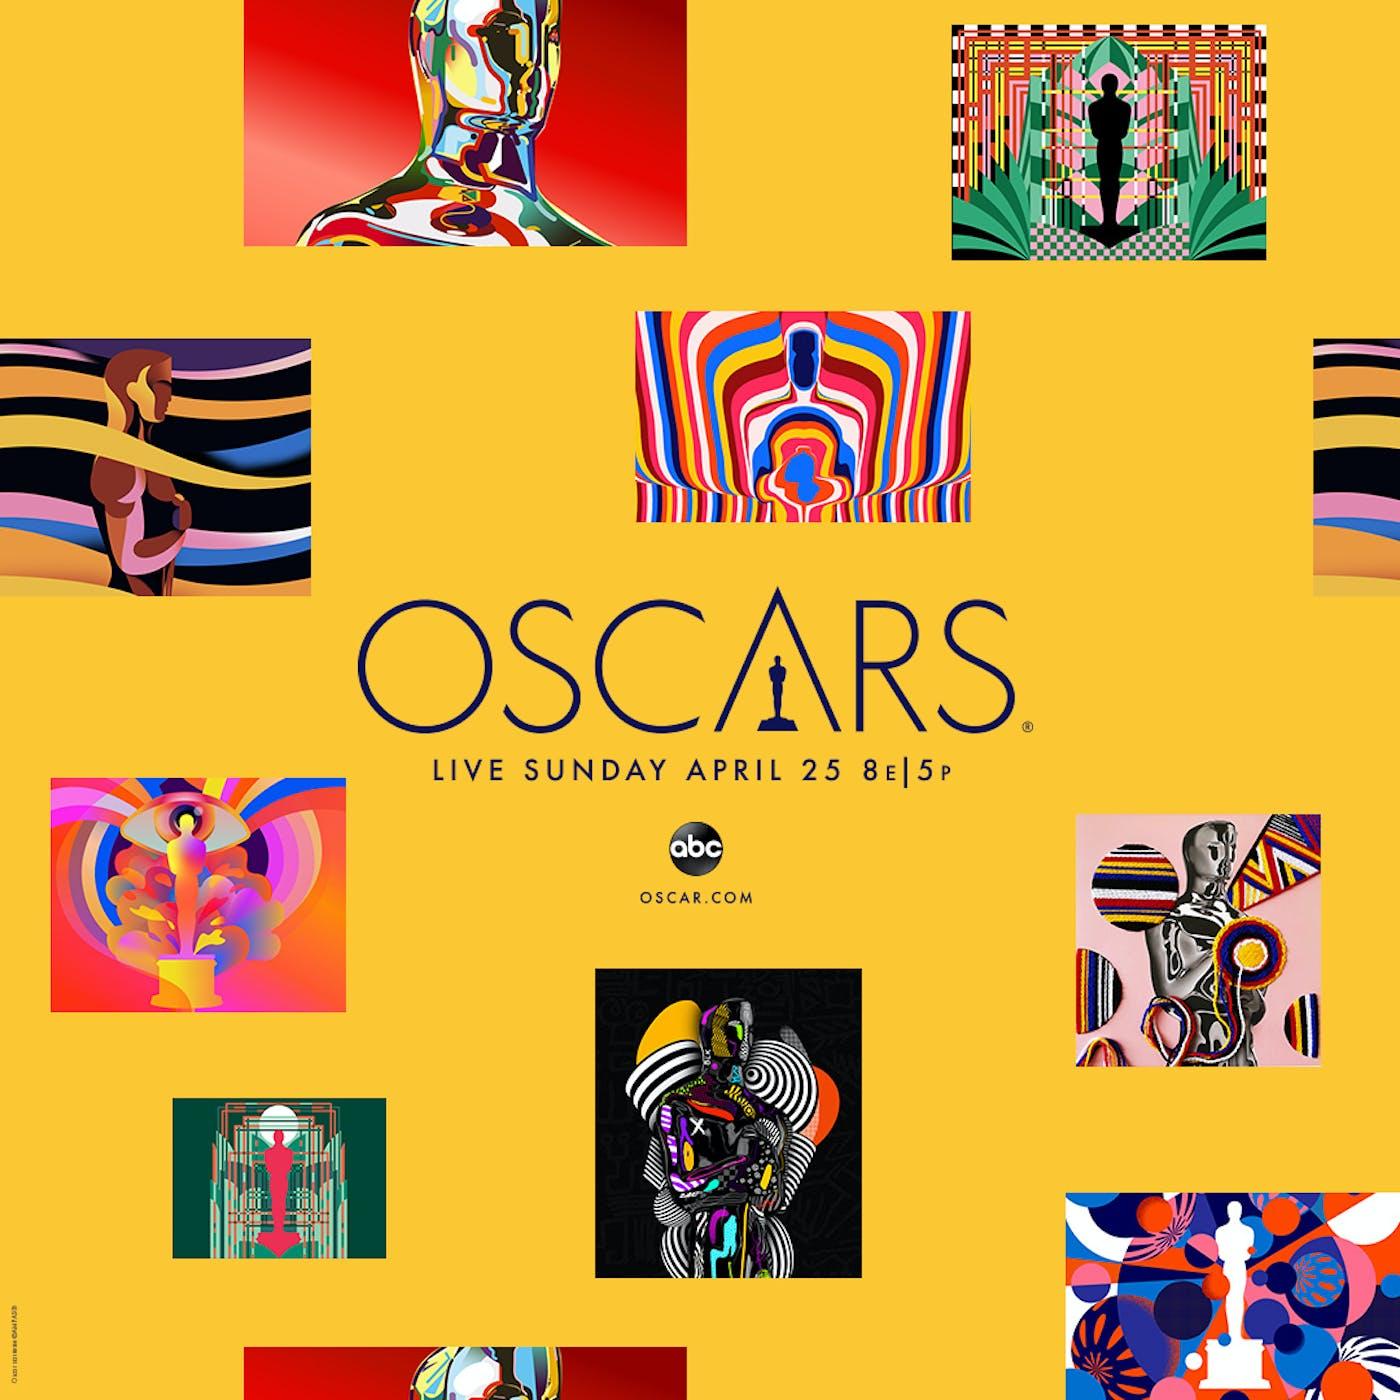 93 Oscars KA Poster Square 1080x1080 Yellow